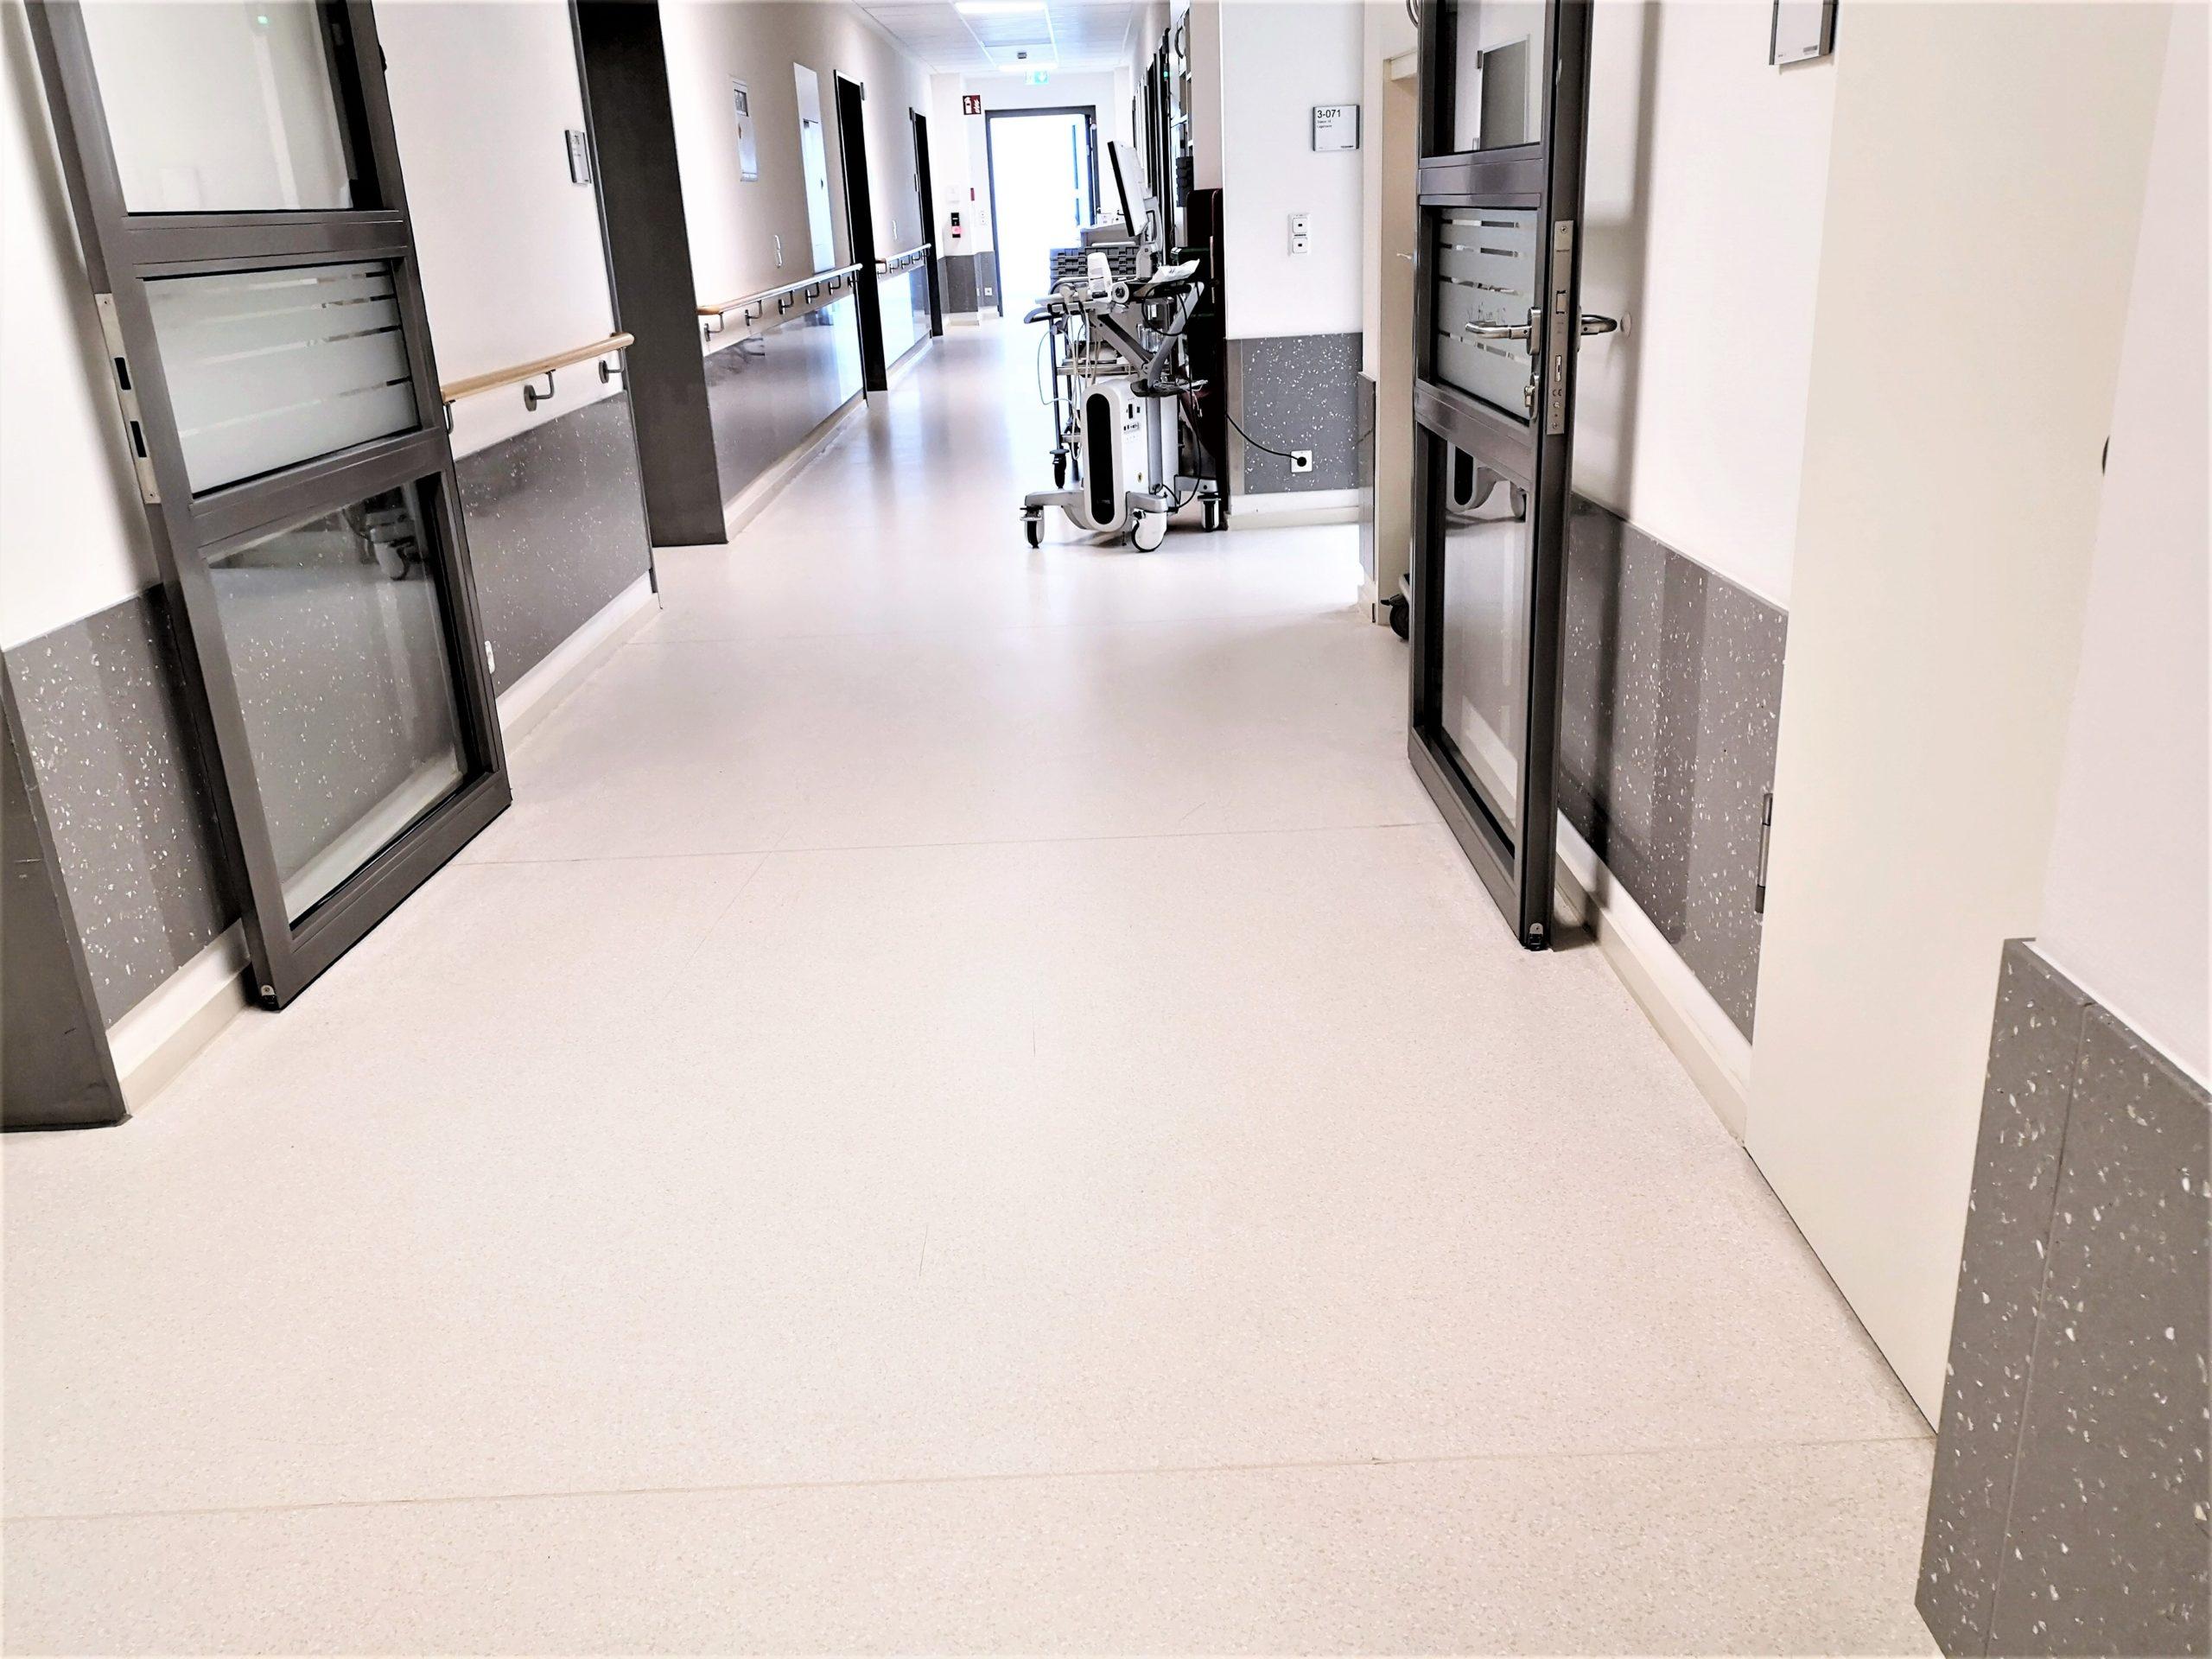 Wände-Anfahrschutz-Wandplatten-Wandverkleidung-Krankenhaus-scaled